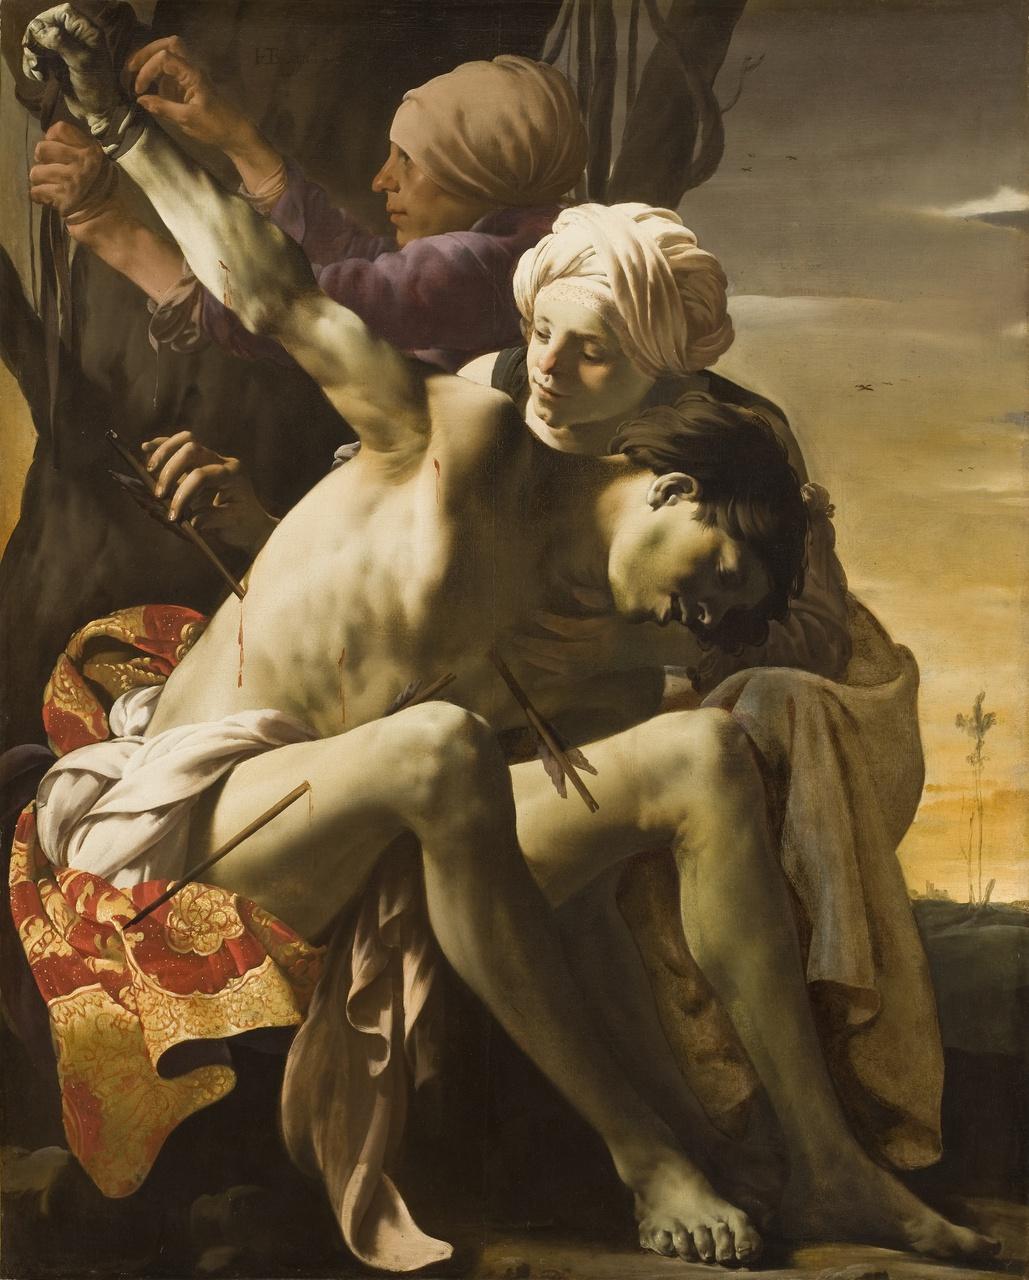 1/34 - Hendrick ter Brugghen, De heilige Sebastiaan door Irene verzorgd, 1625. Allen Memorial Art Museum, Oberlin College, Oberlin Ohio